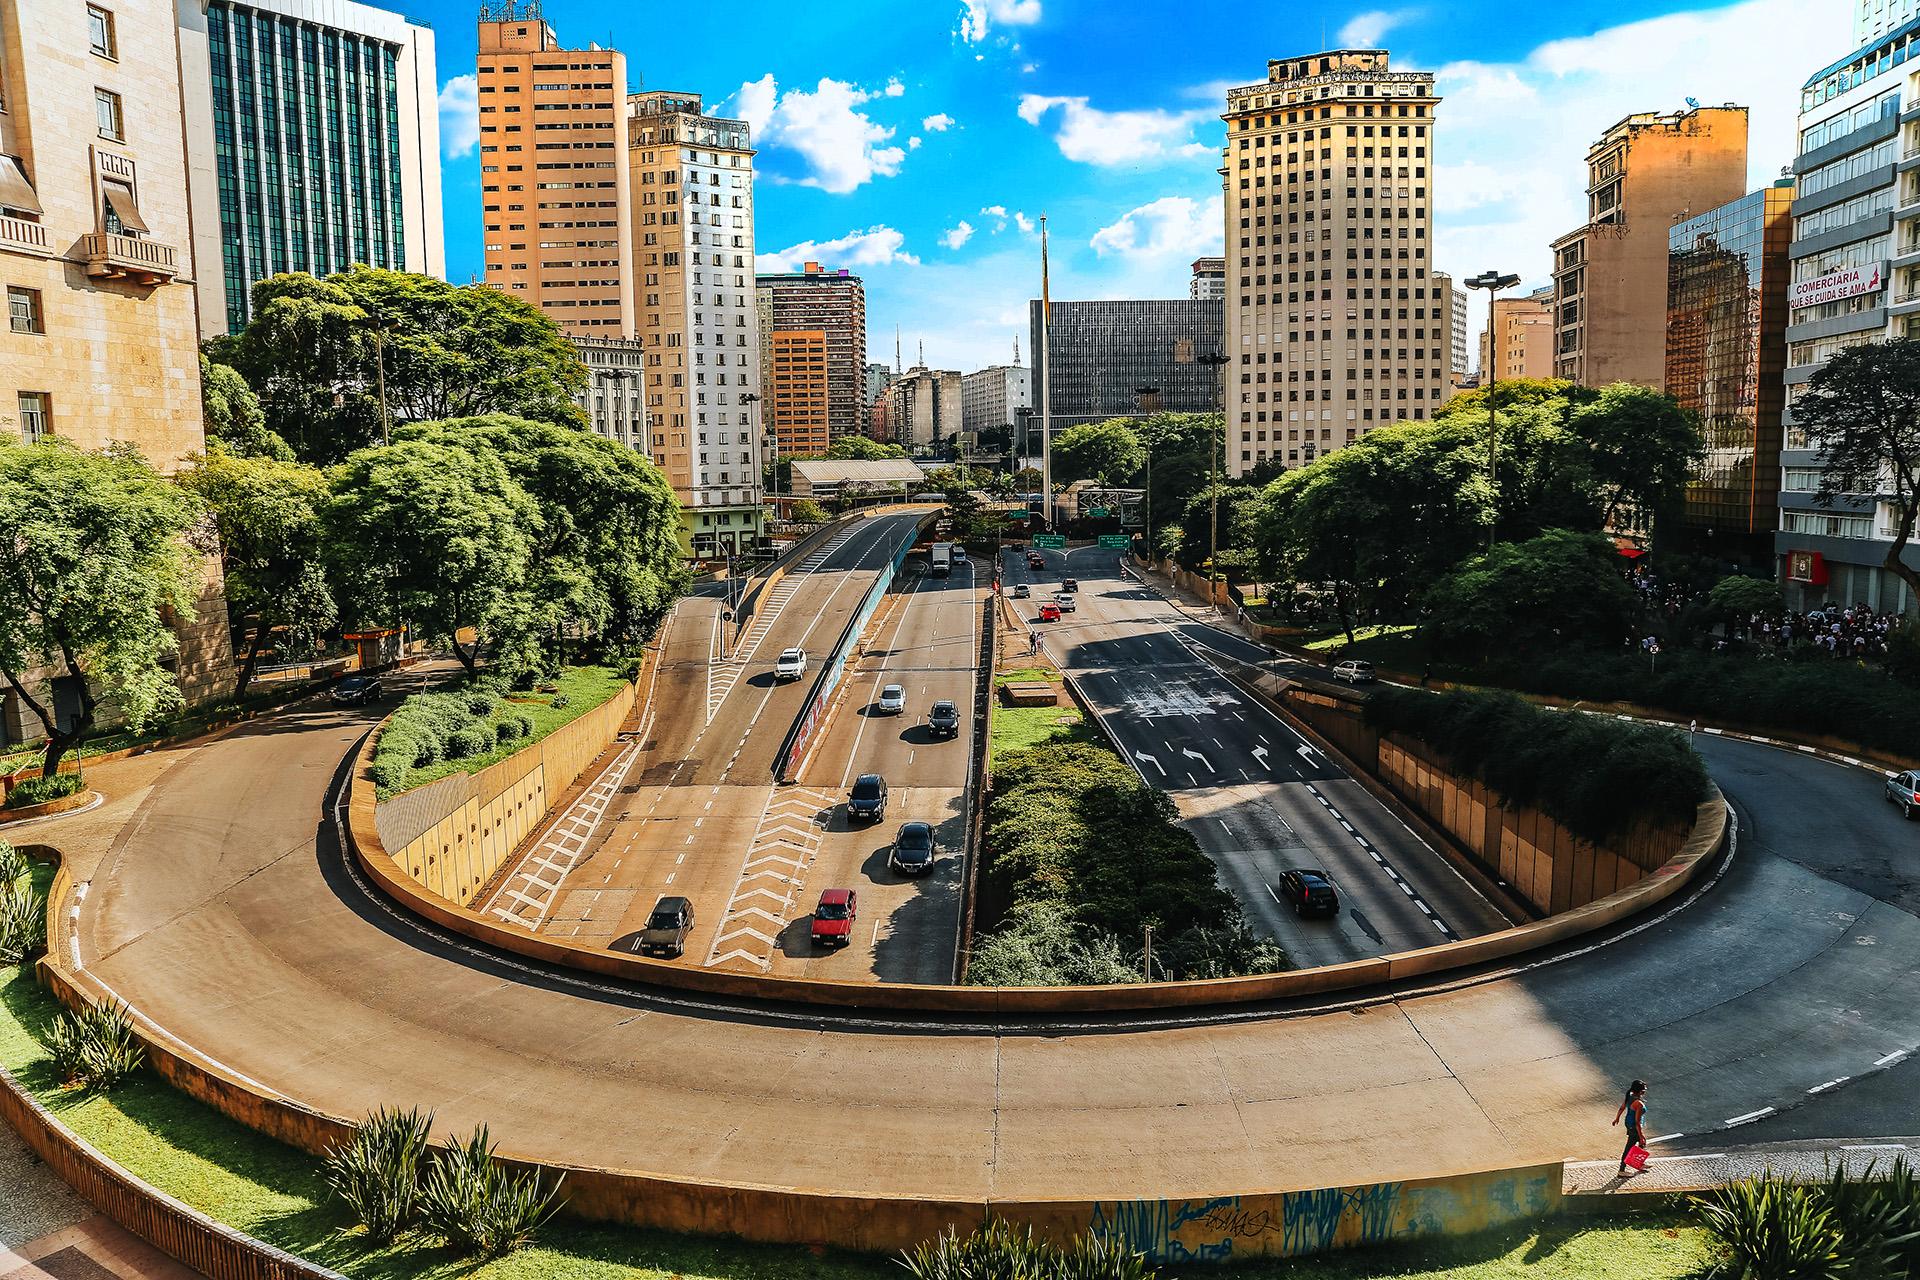 Etanol reduz emissões no Brasil equivalente a soma de 5 países